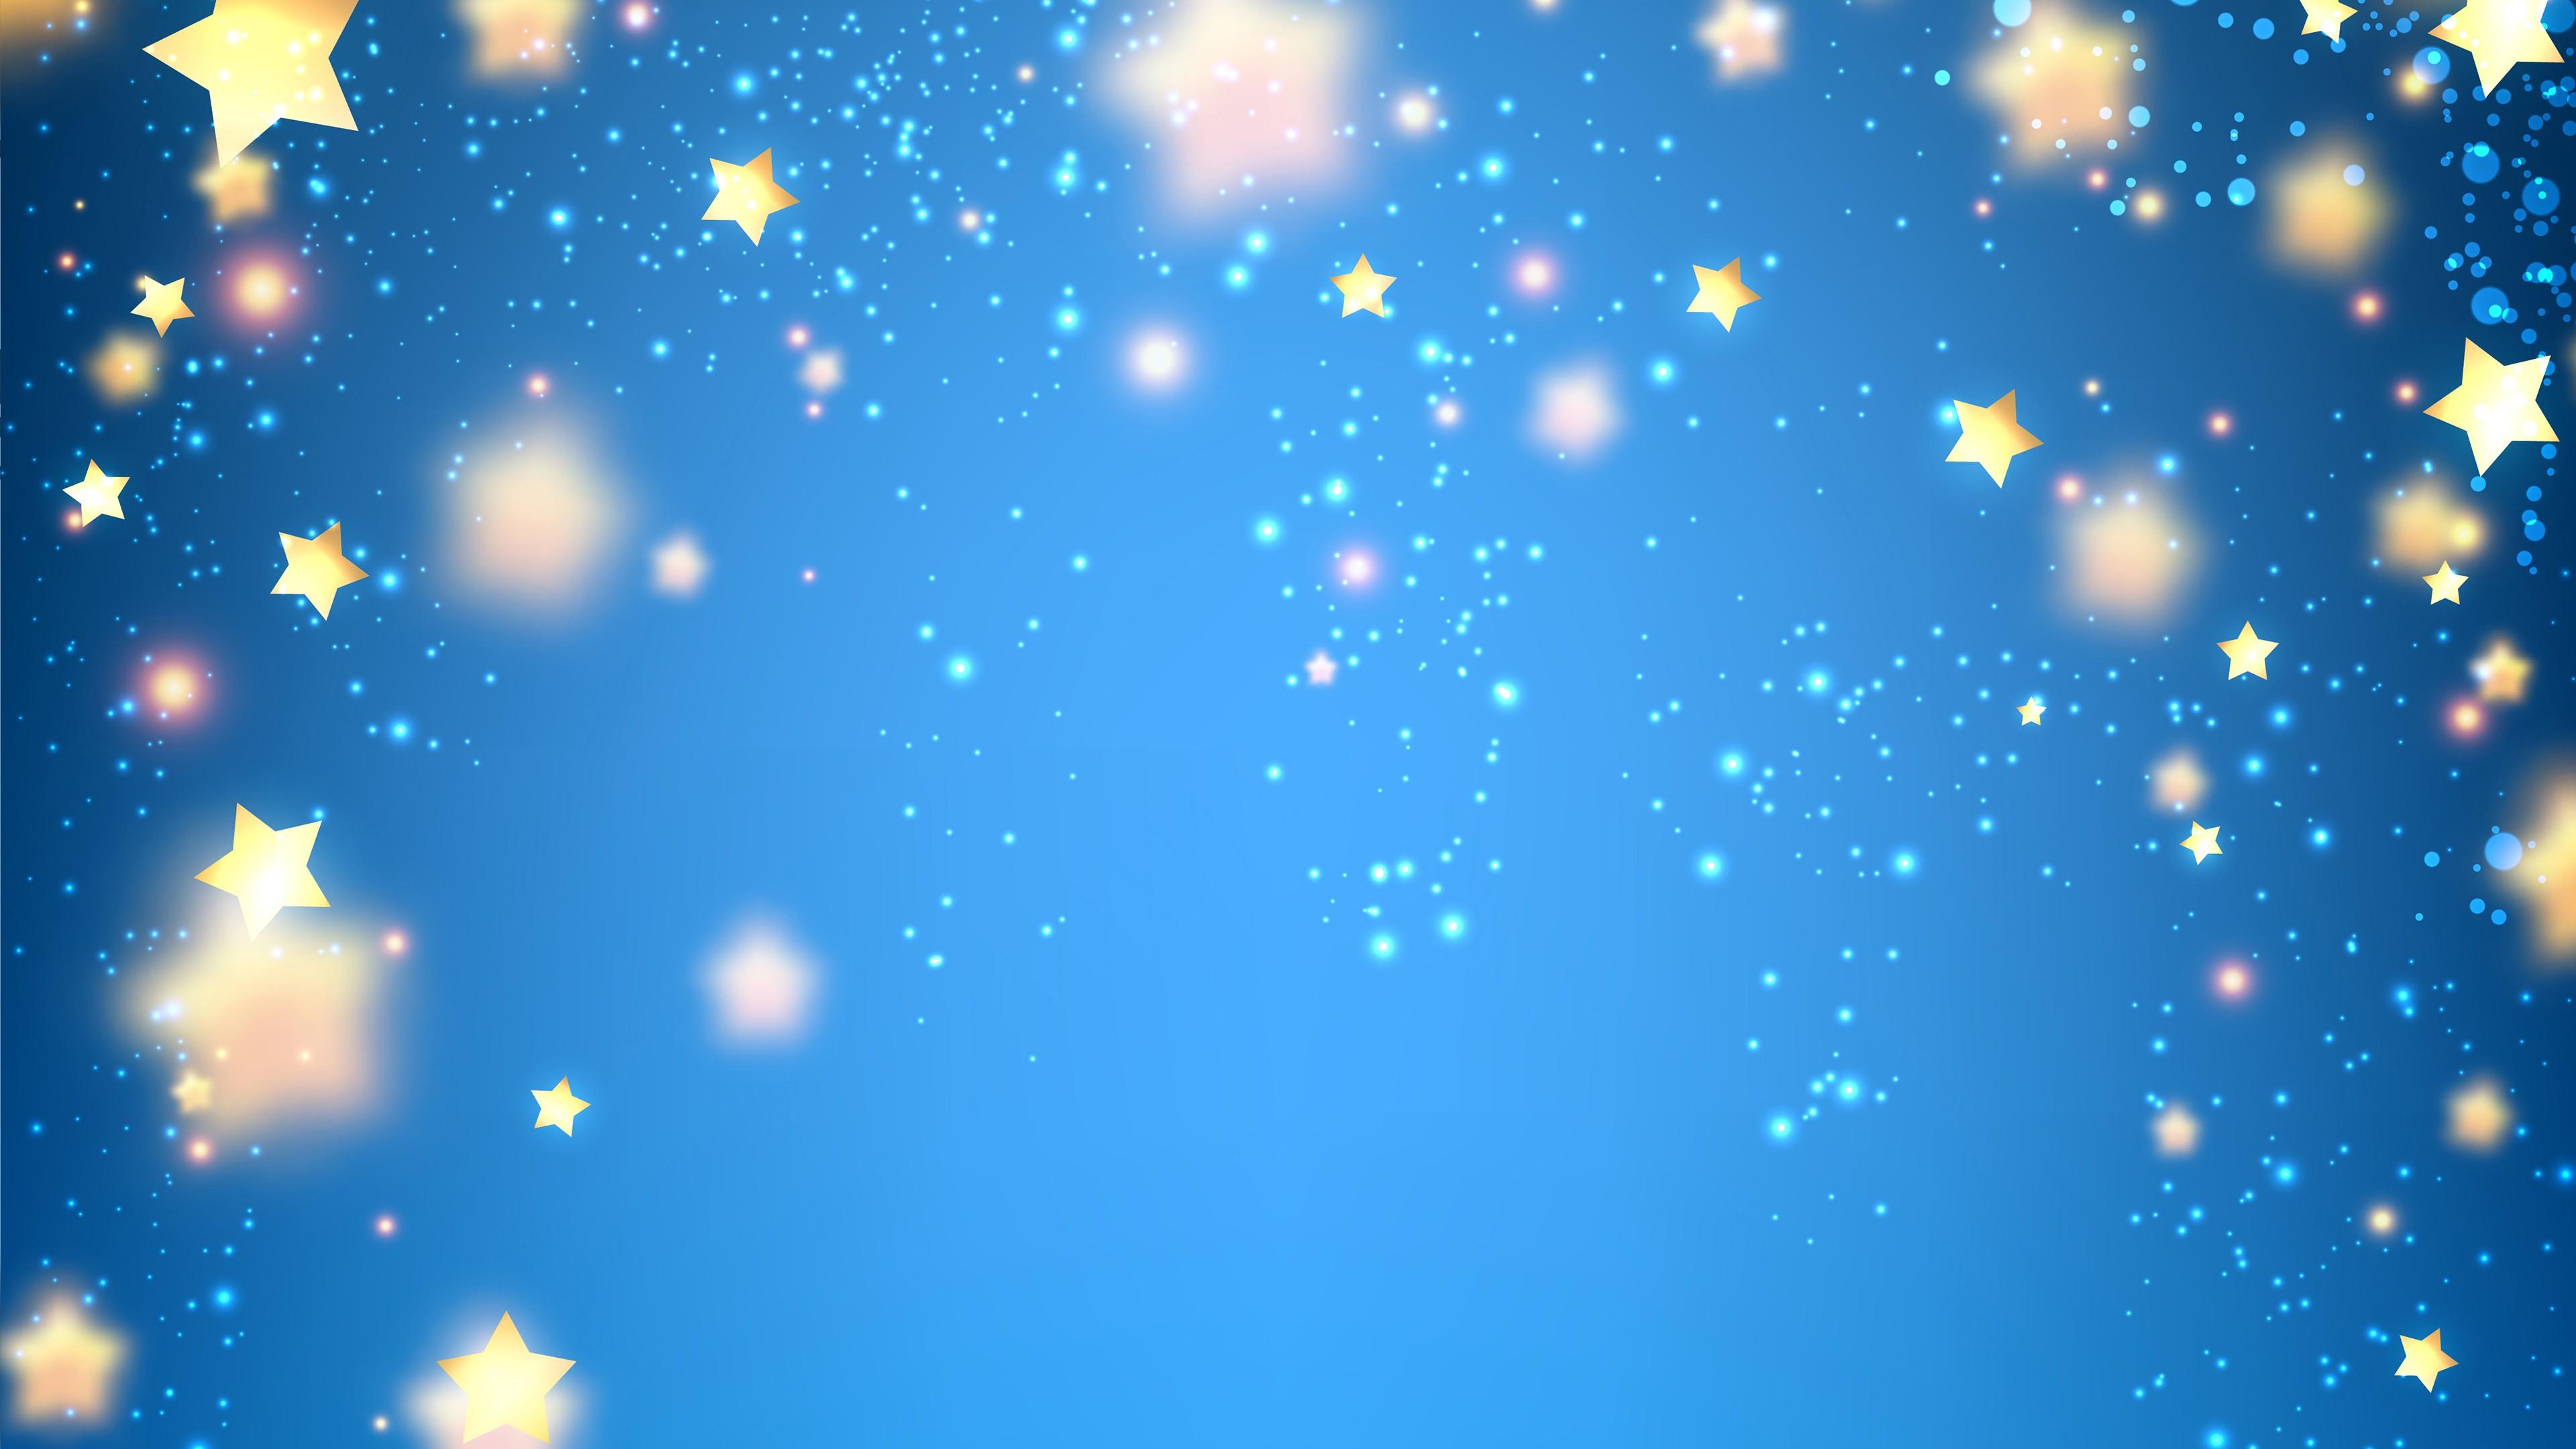 Золотые сверкающие звезды и воздушные шары в синем небе